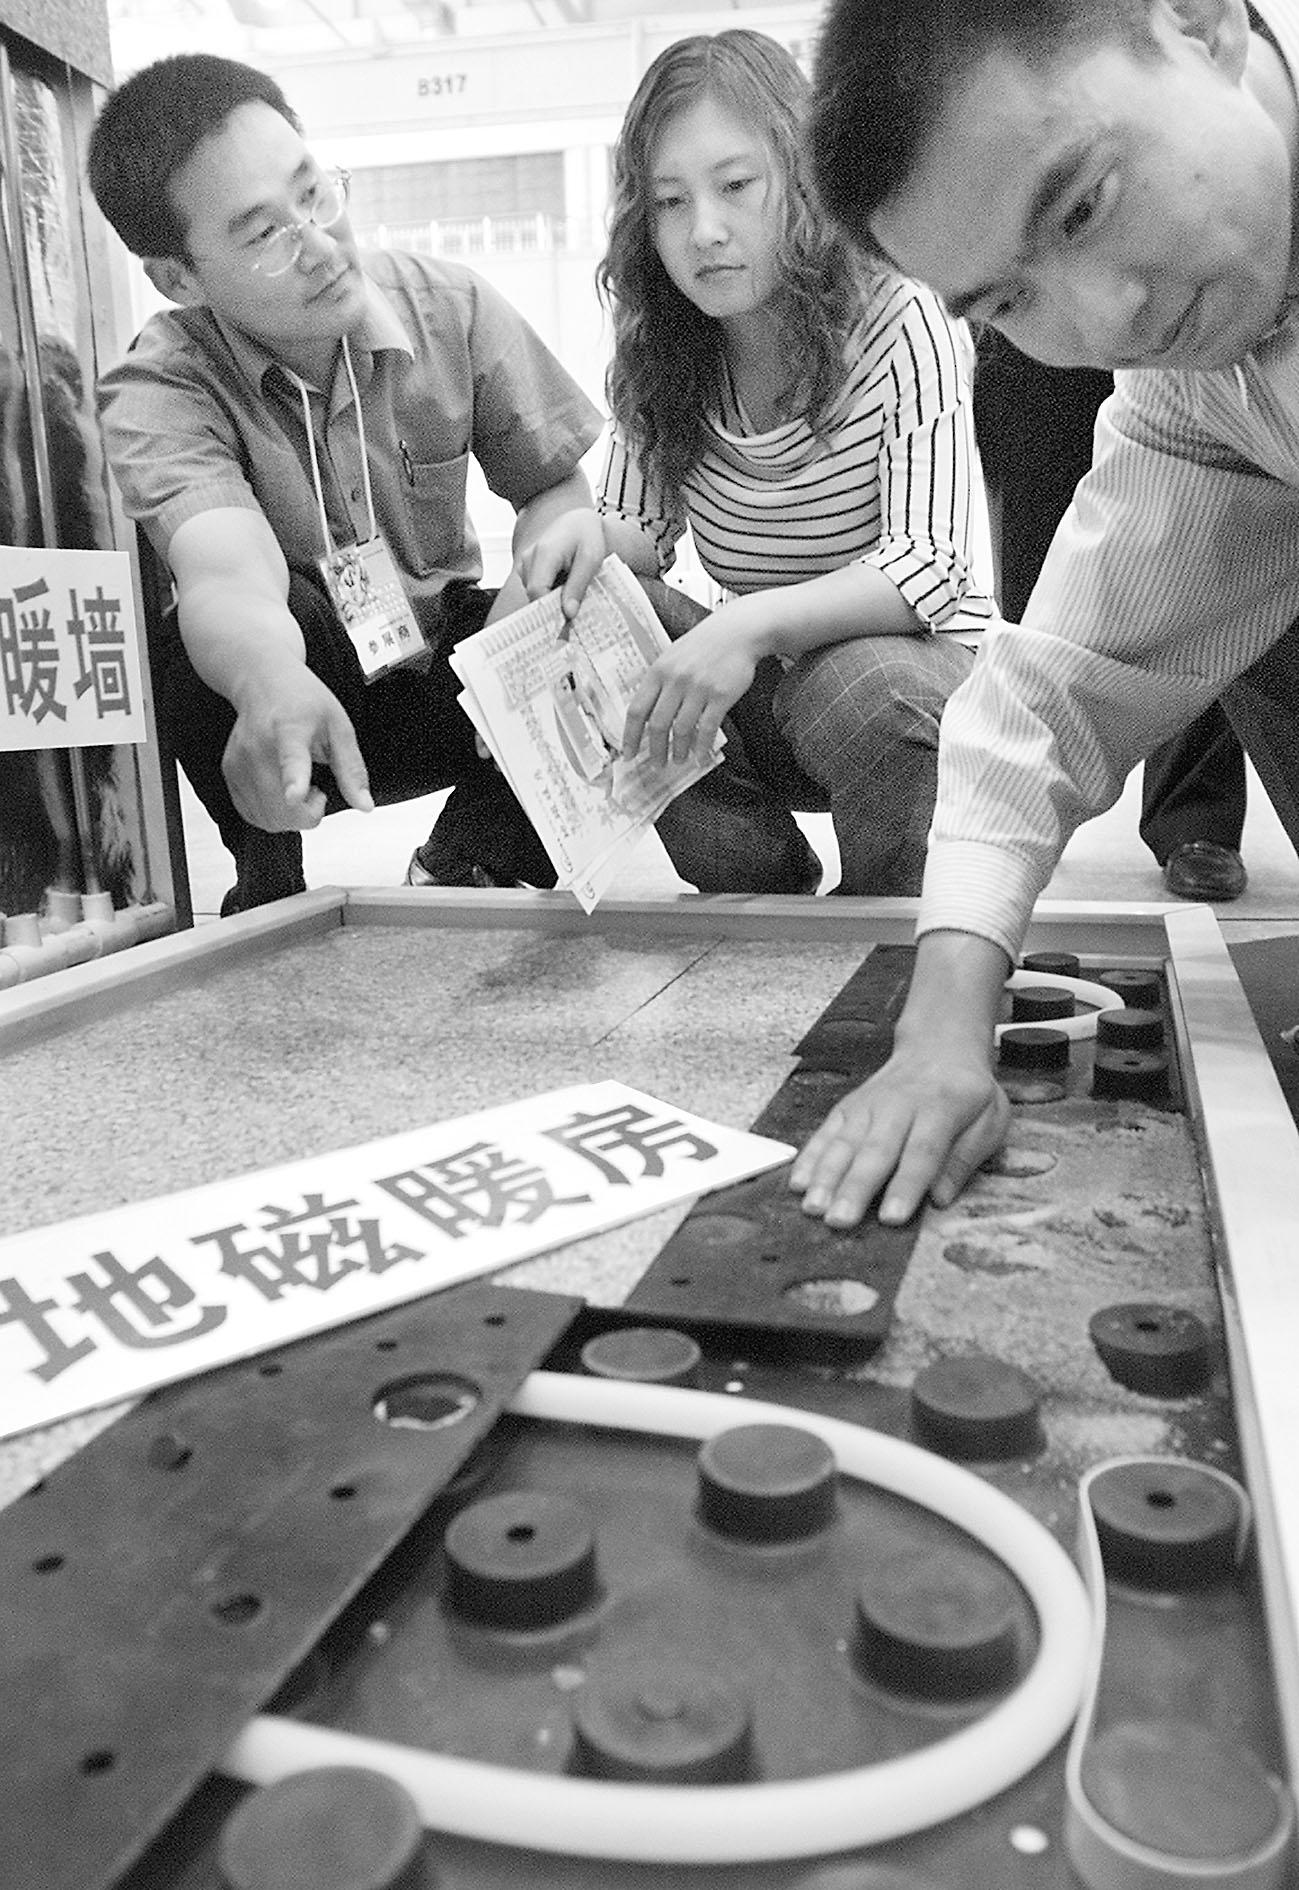 新型环保节能产品吸引眼球(图)-搜狐新闻中心